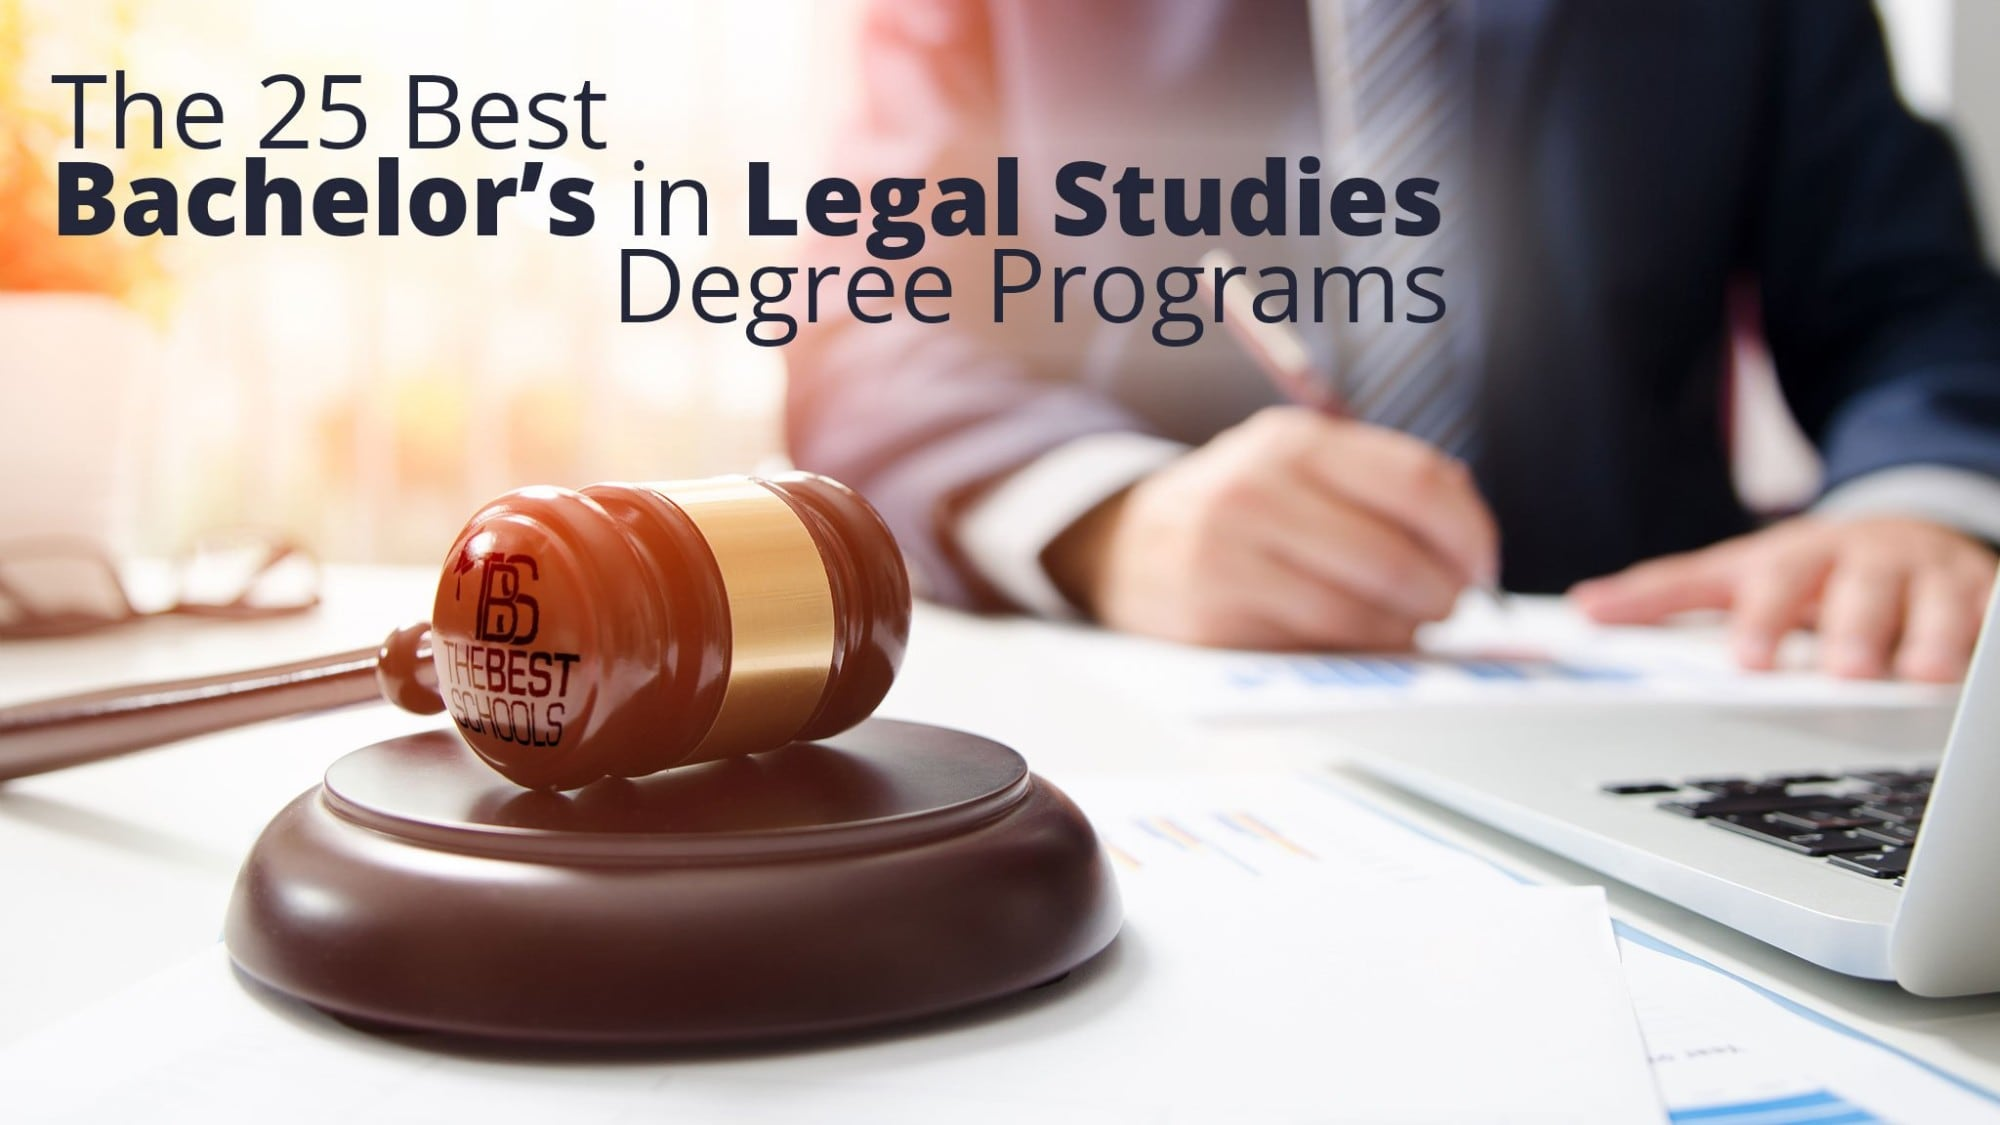 The 25 Best Bachelor's in Legal Studies Degree Programs